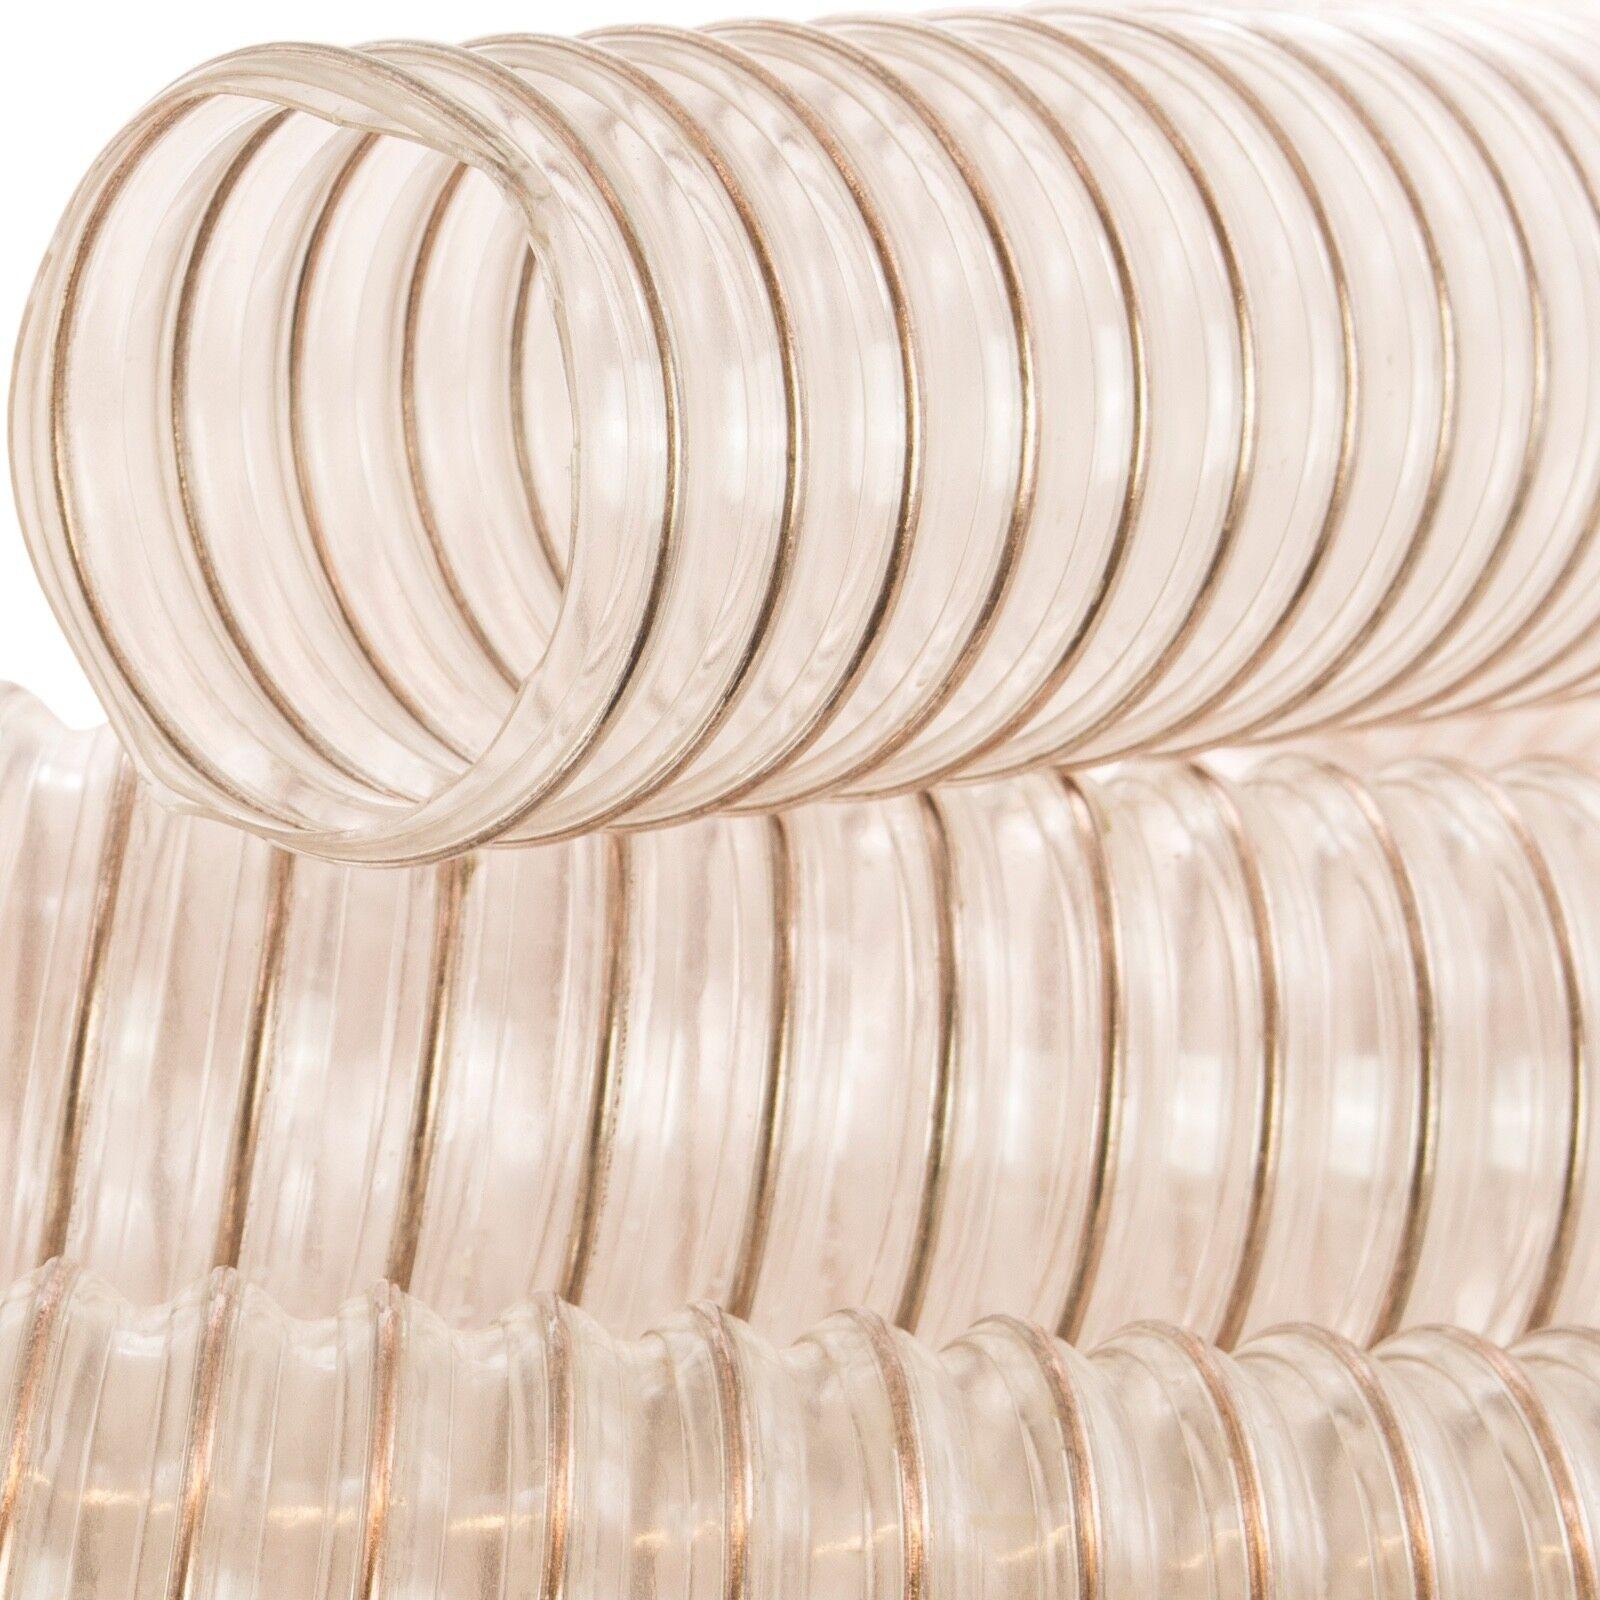 Absaugschlauch für Absauganlage flexibel Späneschlauch für Absaugung DIN 4102 B1